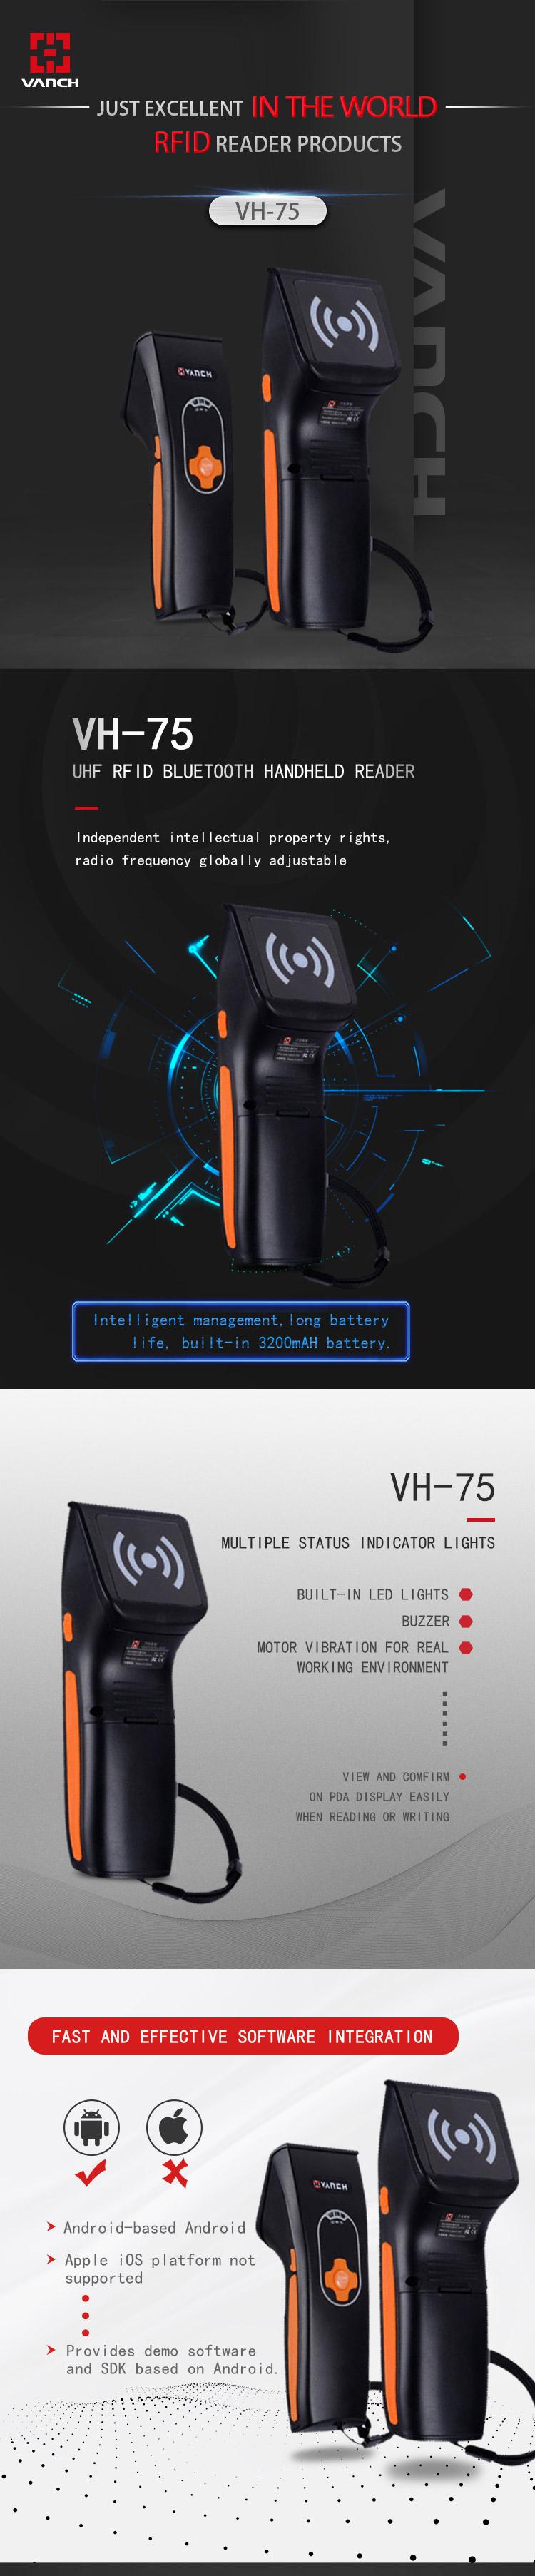 VH-75 Bluetooth RFID Reader-Shenzhen Vanch Intelligent